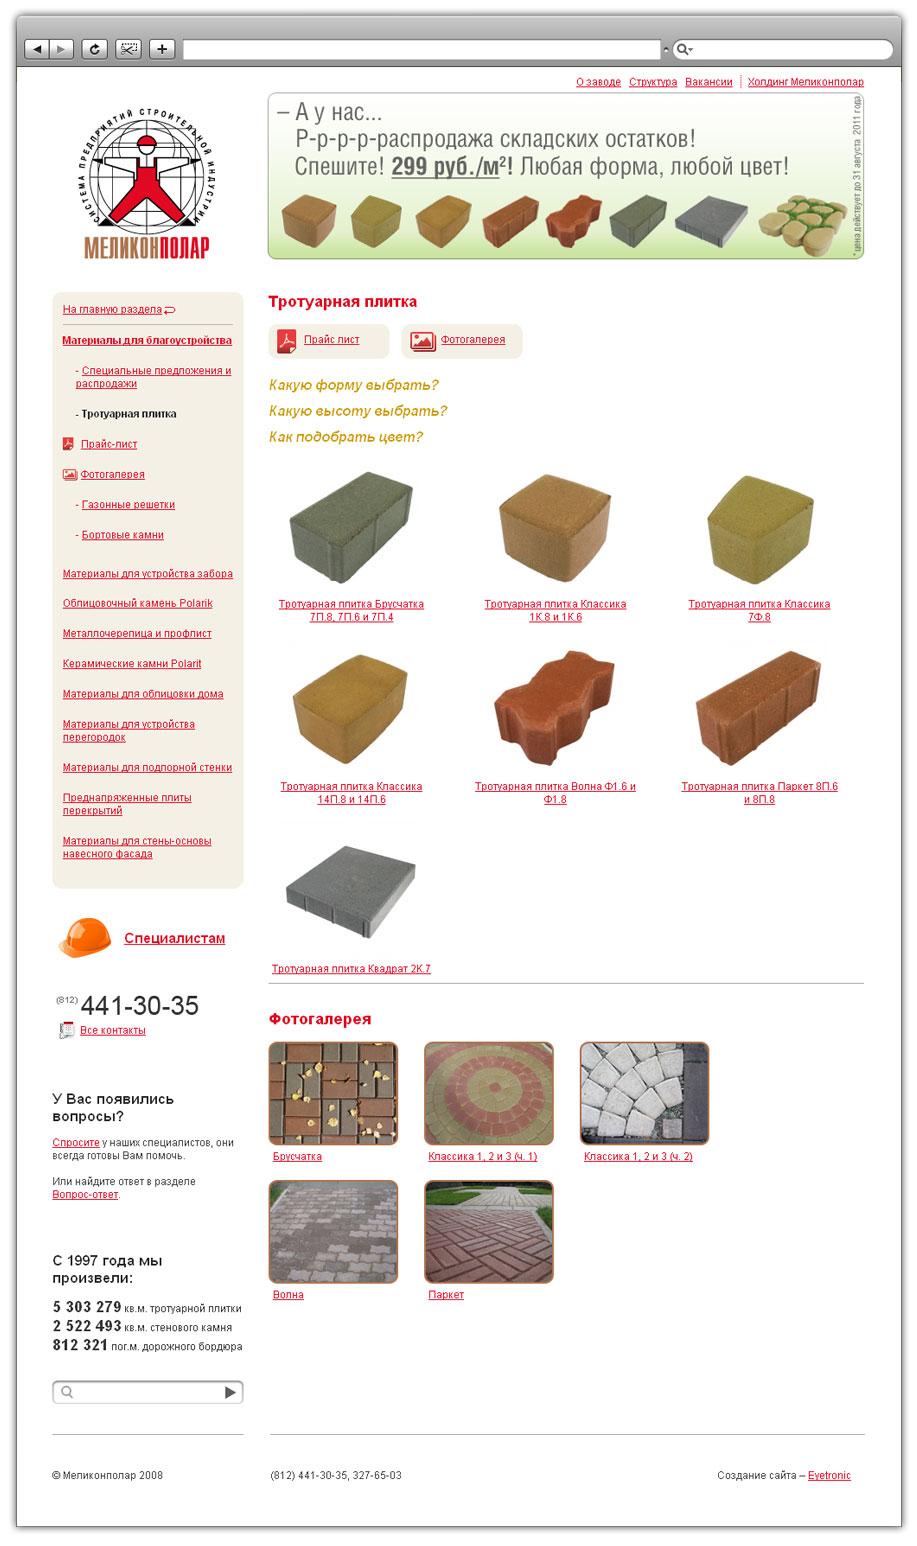 Разработка сайта для многопрофильного холдинга, занимающегося строительными материалами и девелопментом «Меликонполар» - 4